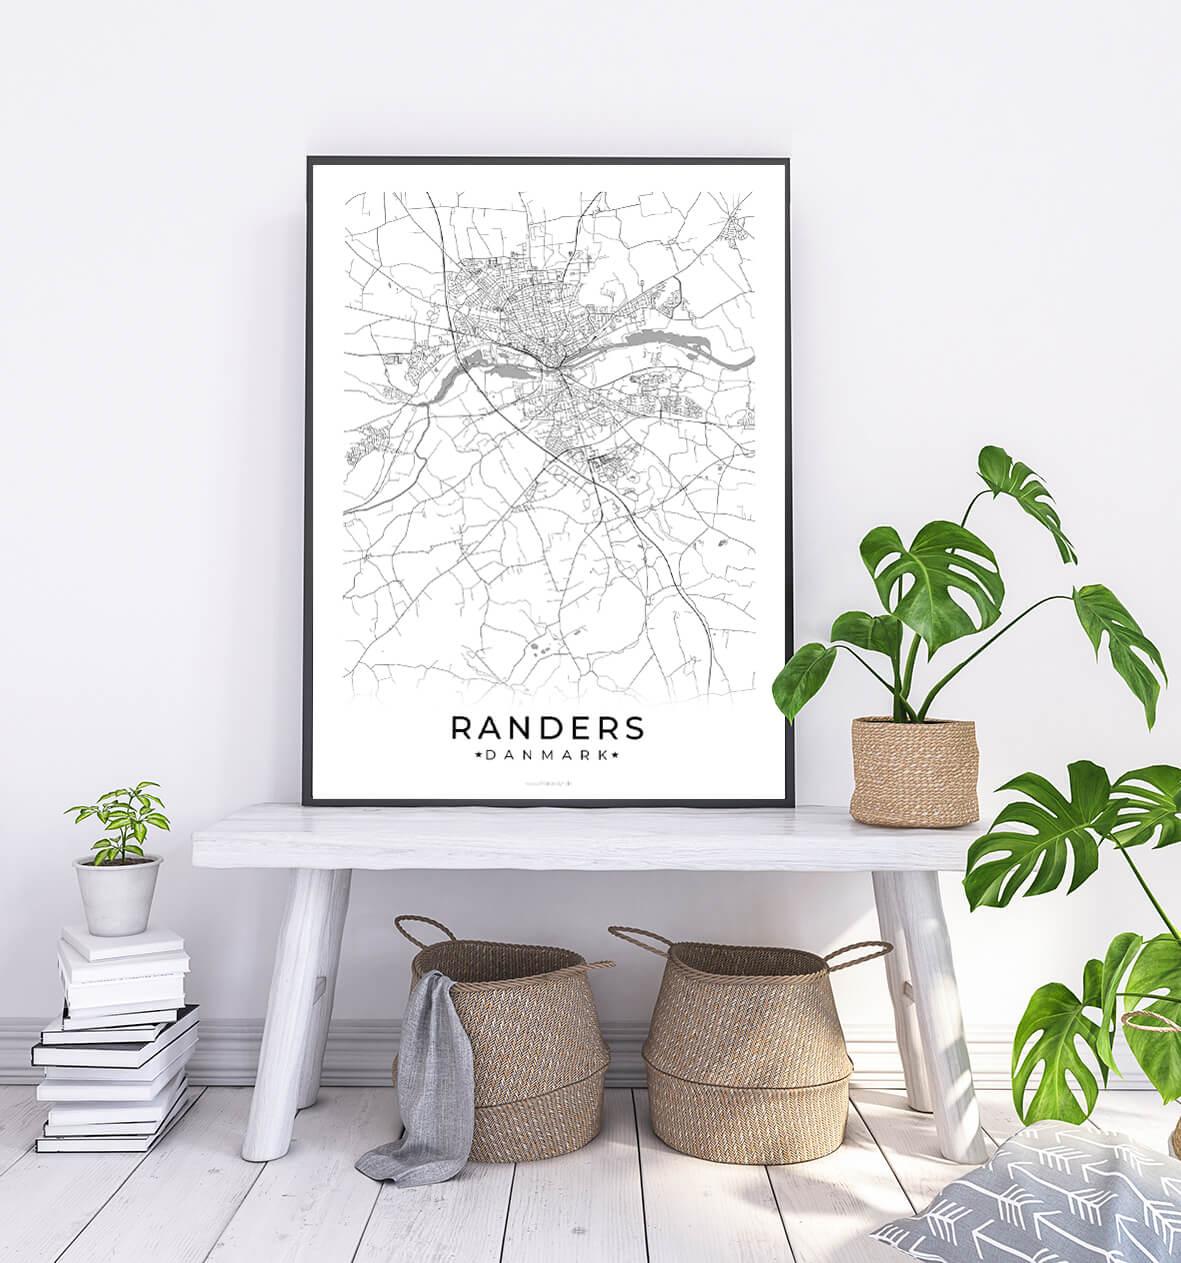 Randers-hvid-byplakat-1